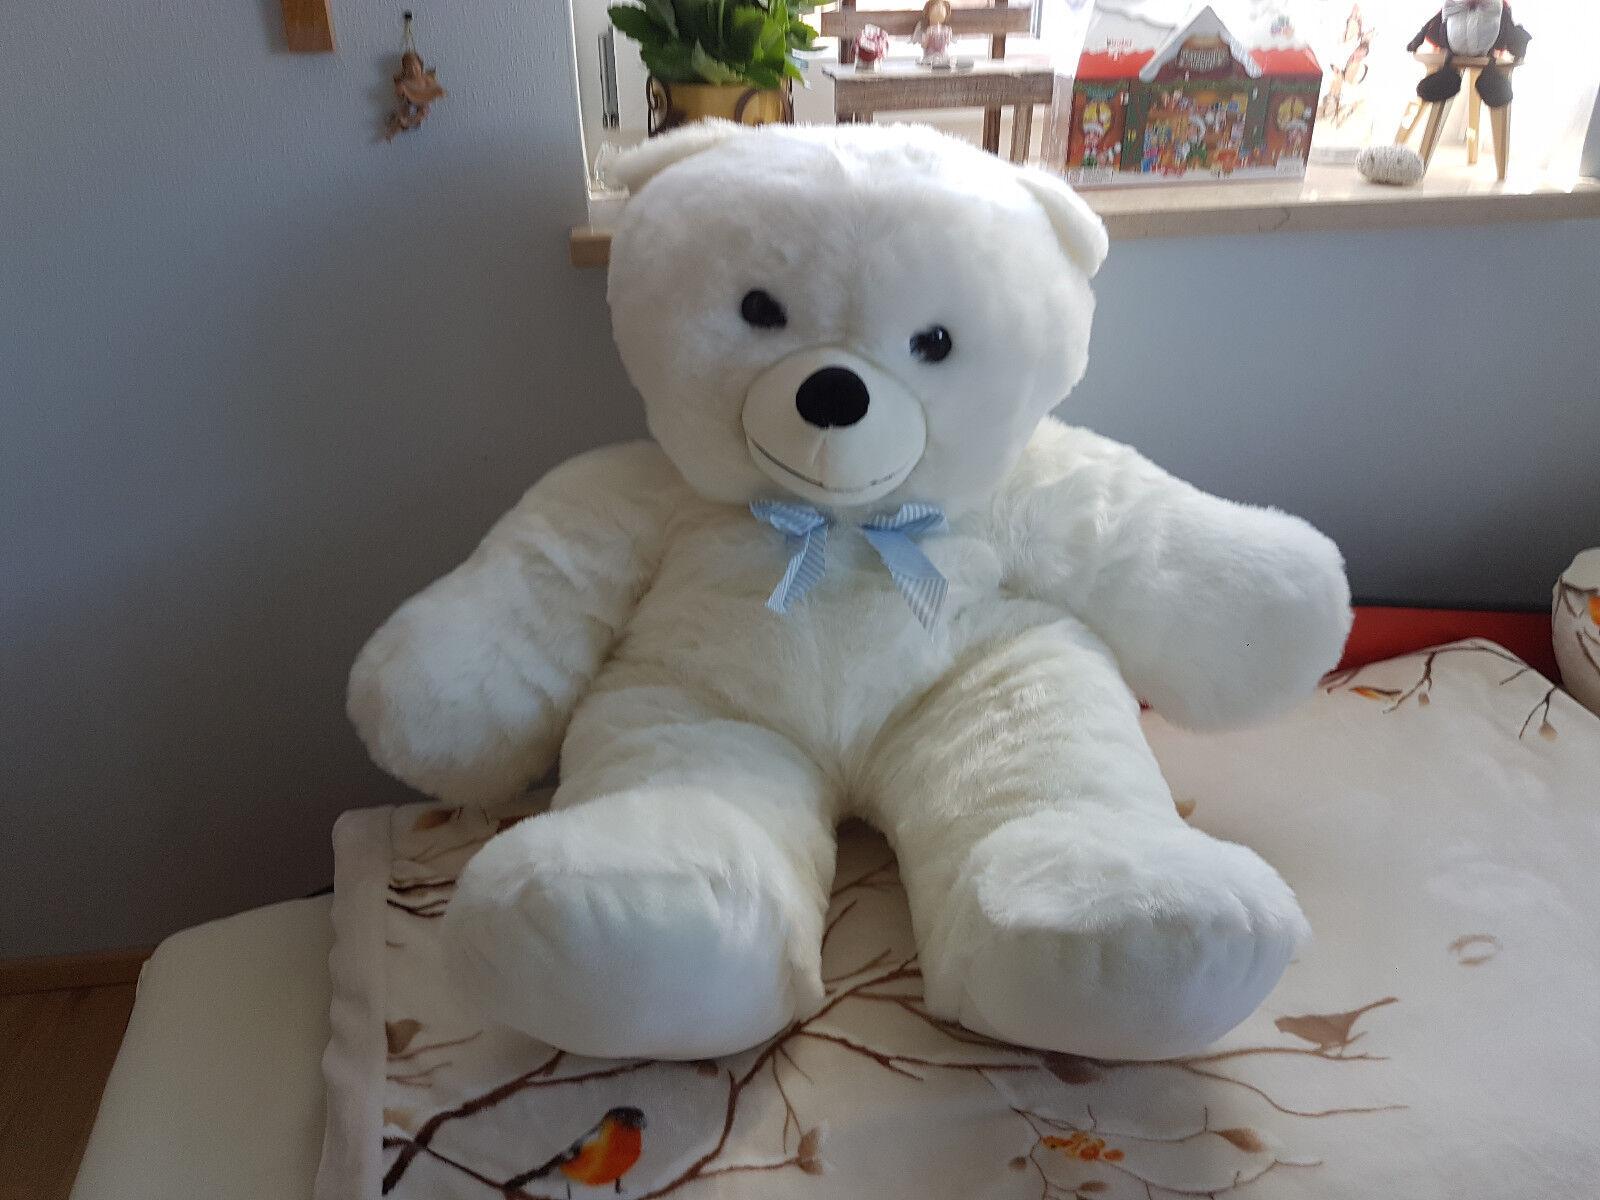 Mundia Teddy Bär Mande In Germany 100 cm